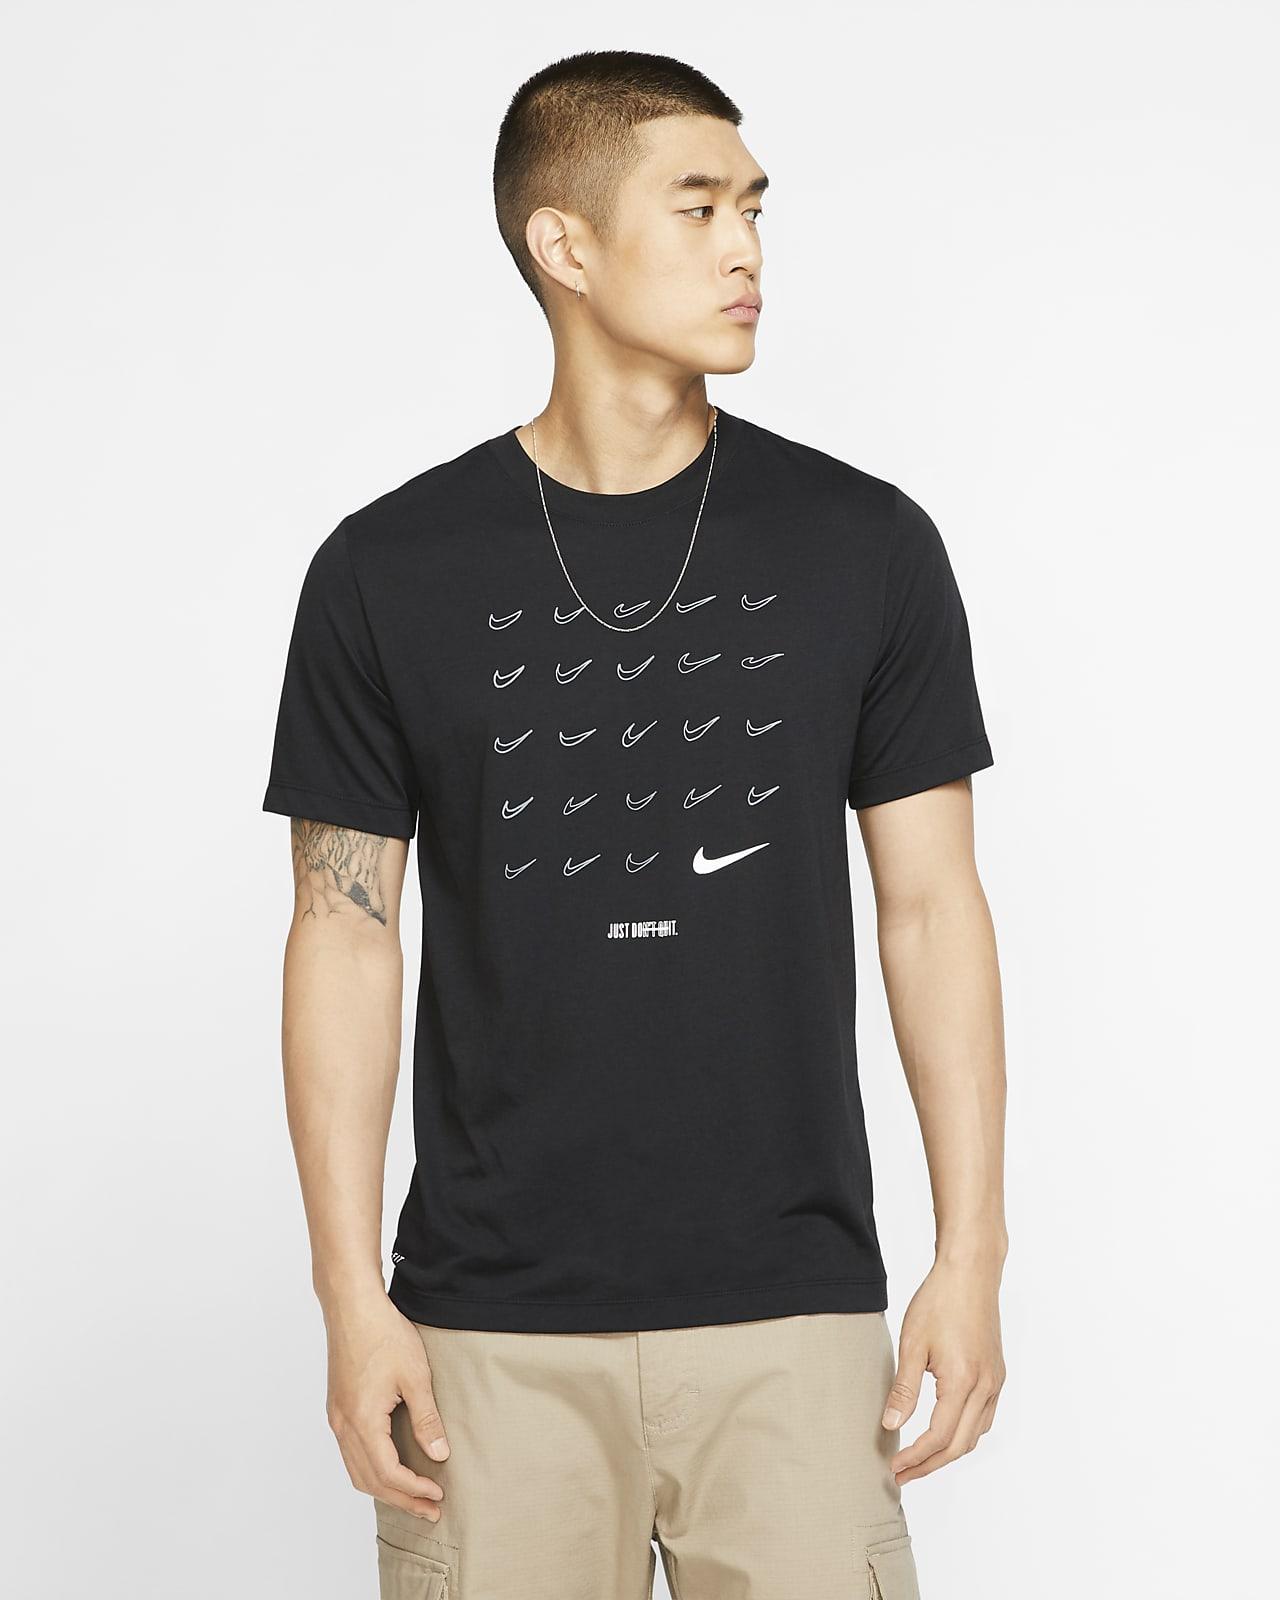 Nike Dri-FIT Men's Training T-Shirt